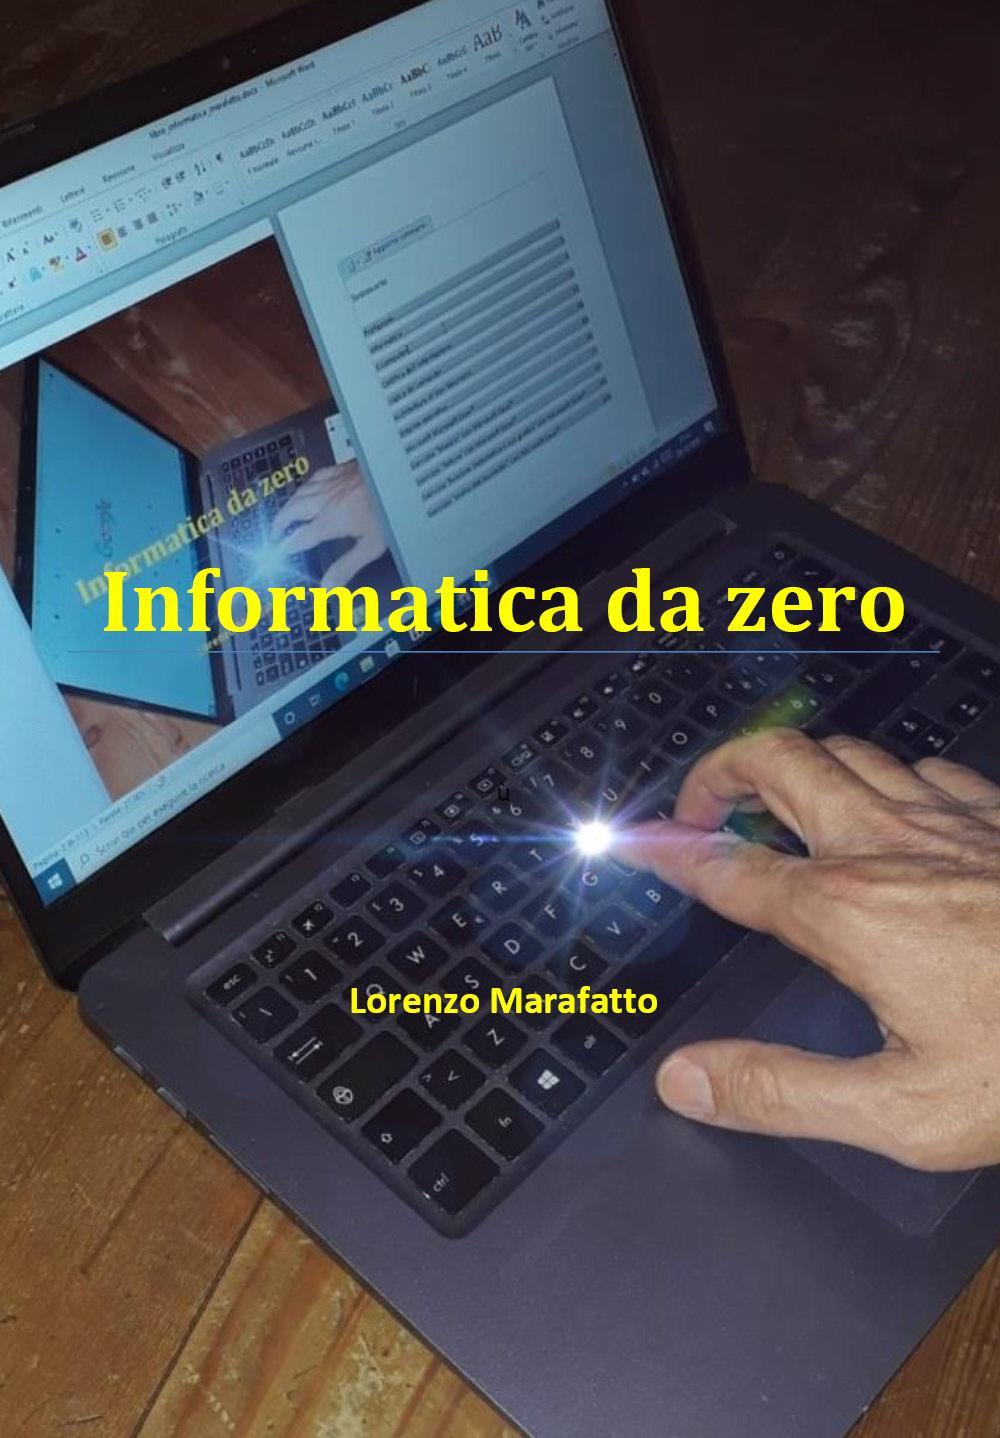 Informatica da zero